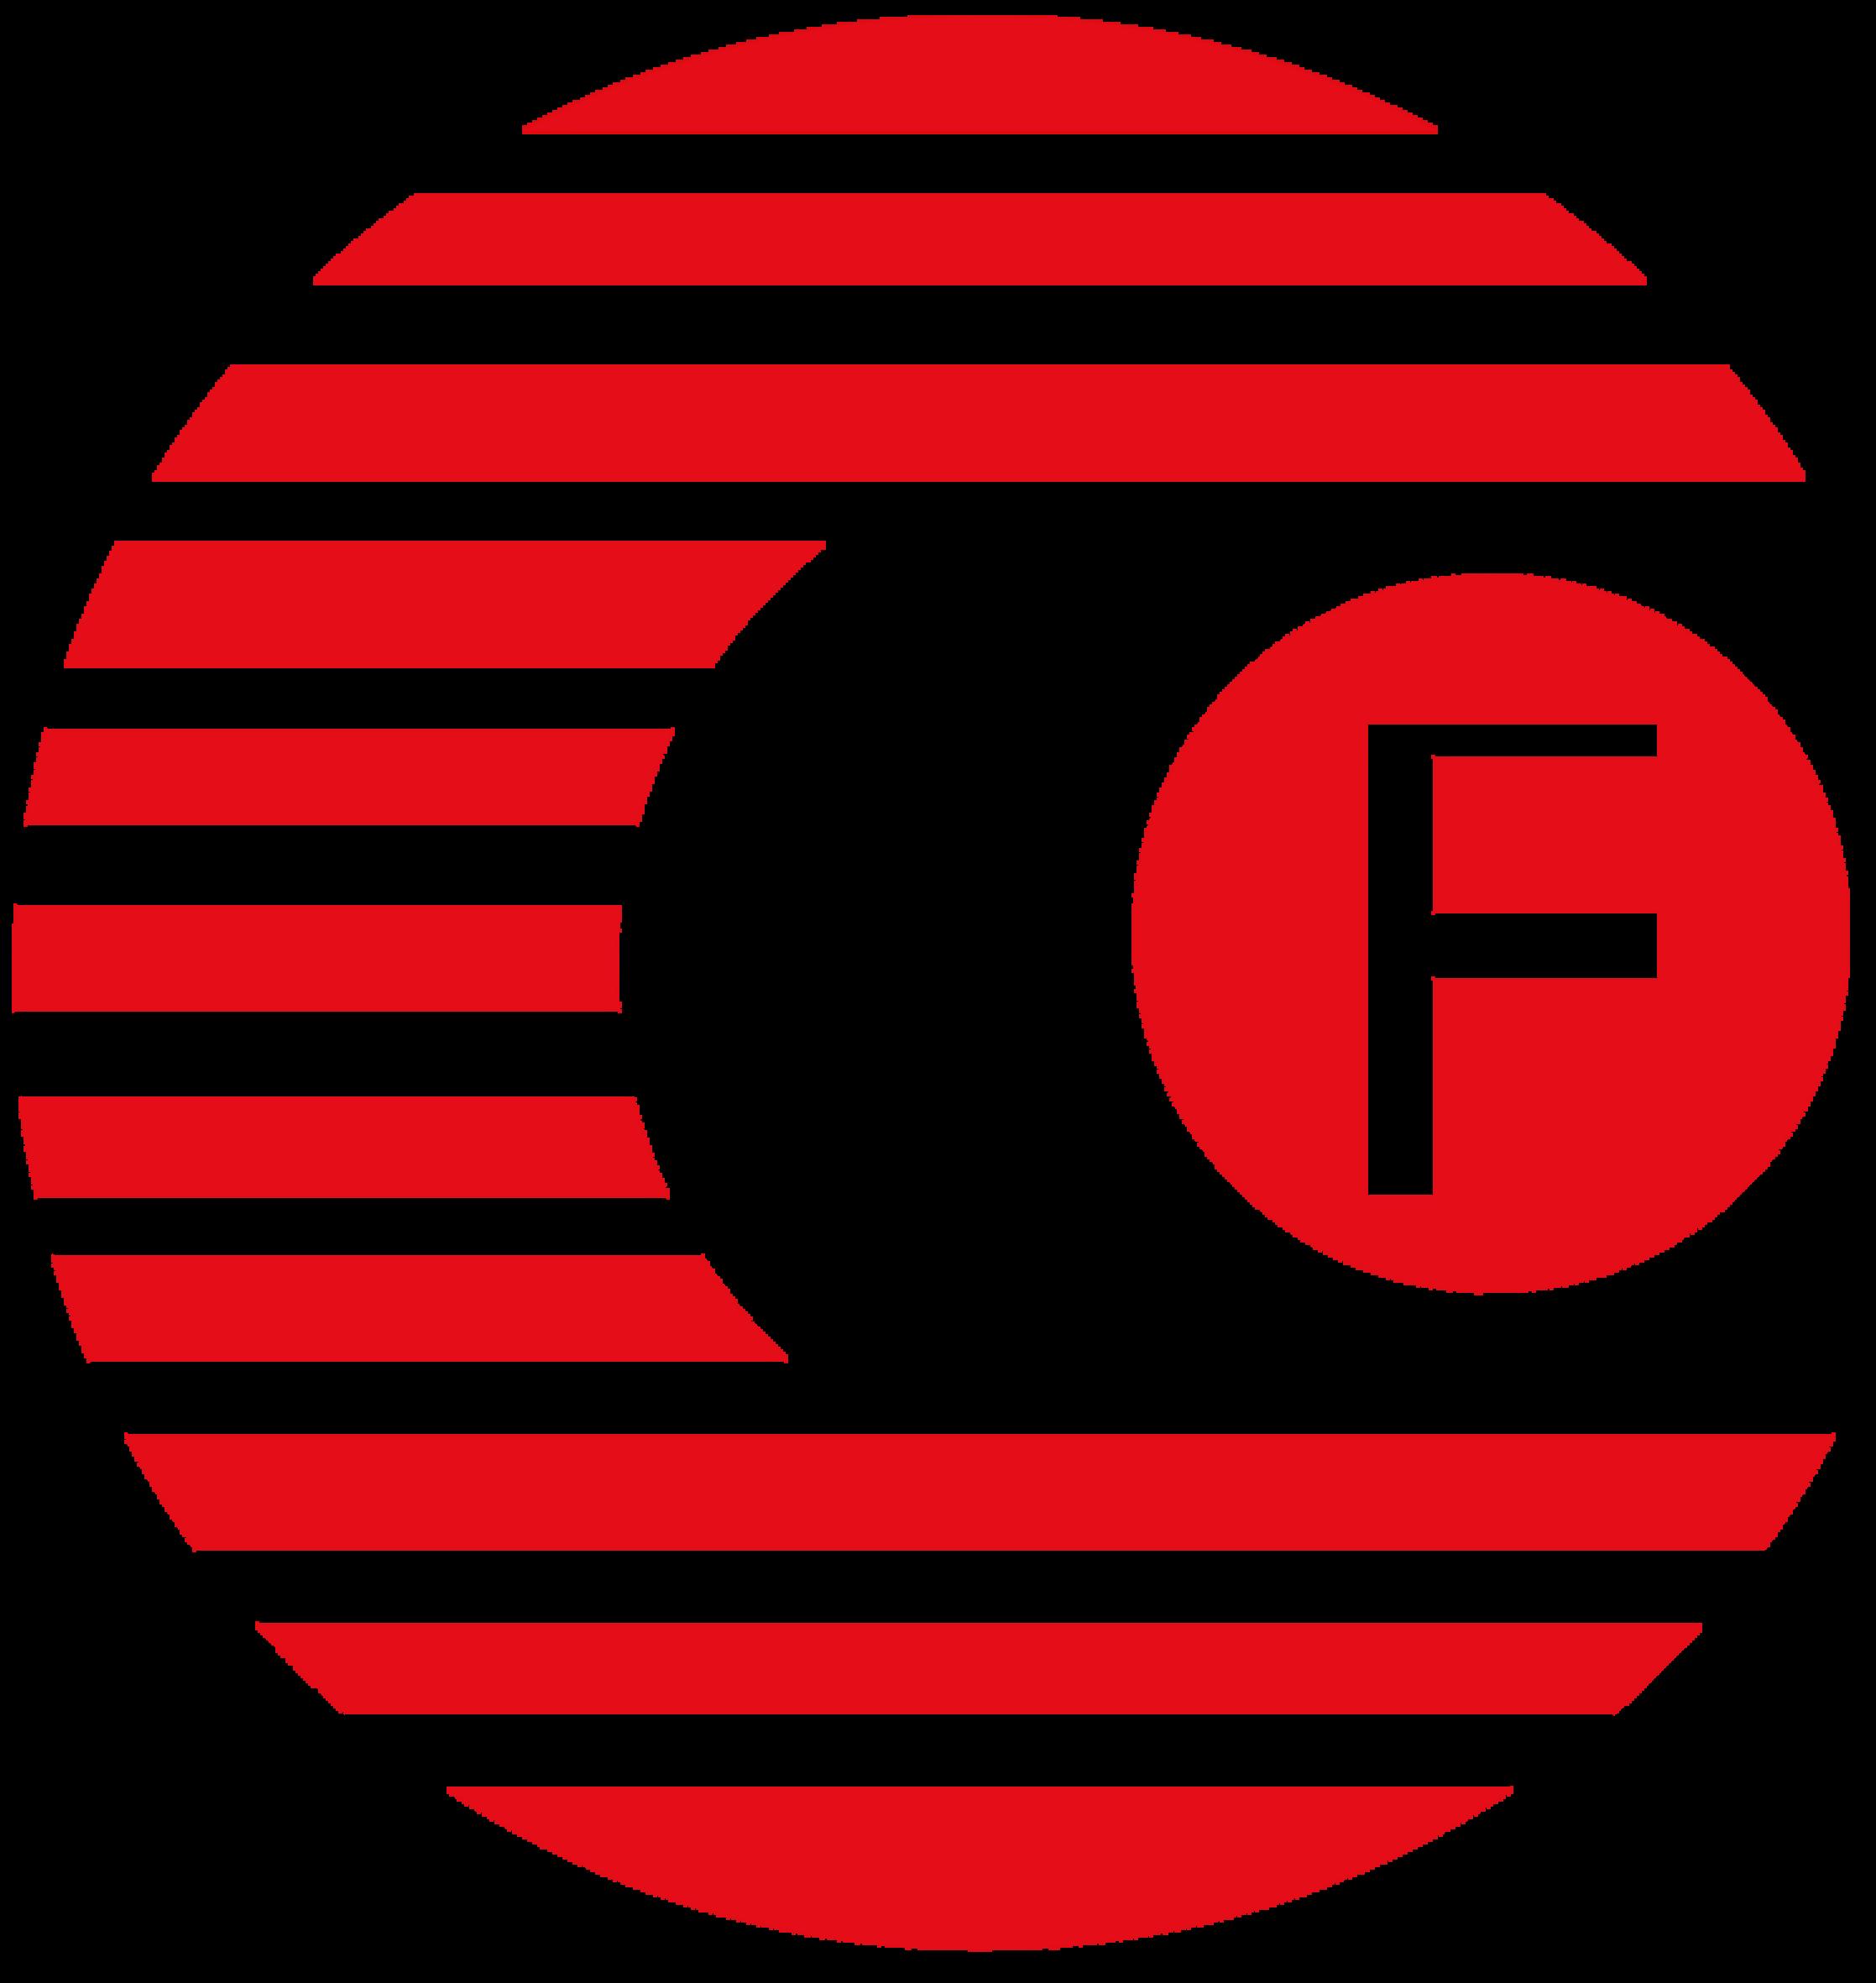 logo 标识 标志 设计 矢量 矢量图 素材 图标 2235_2362